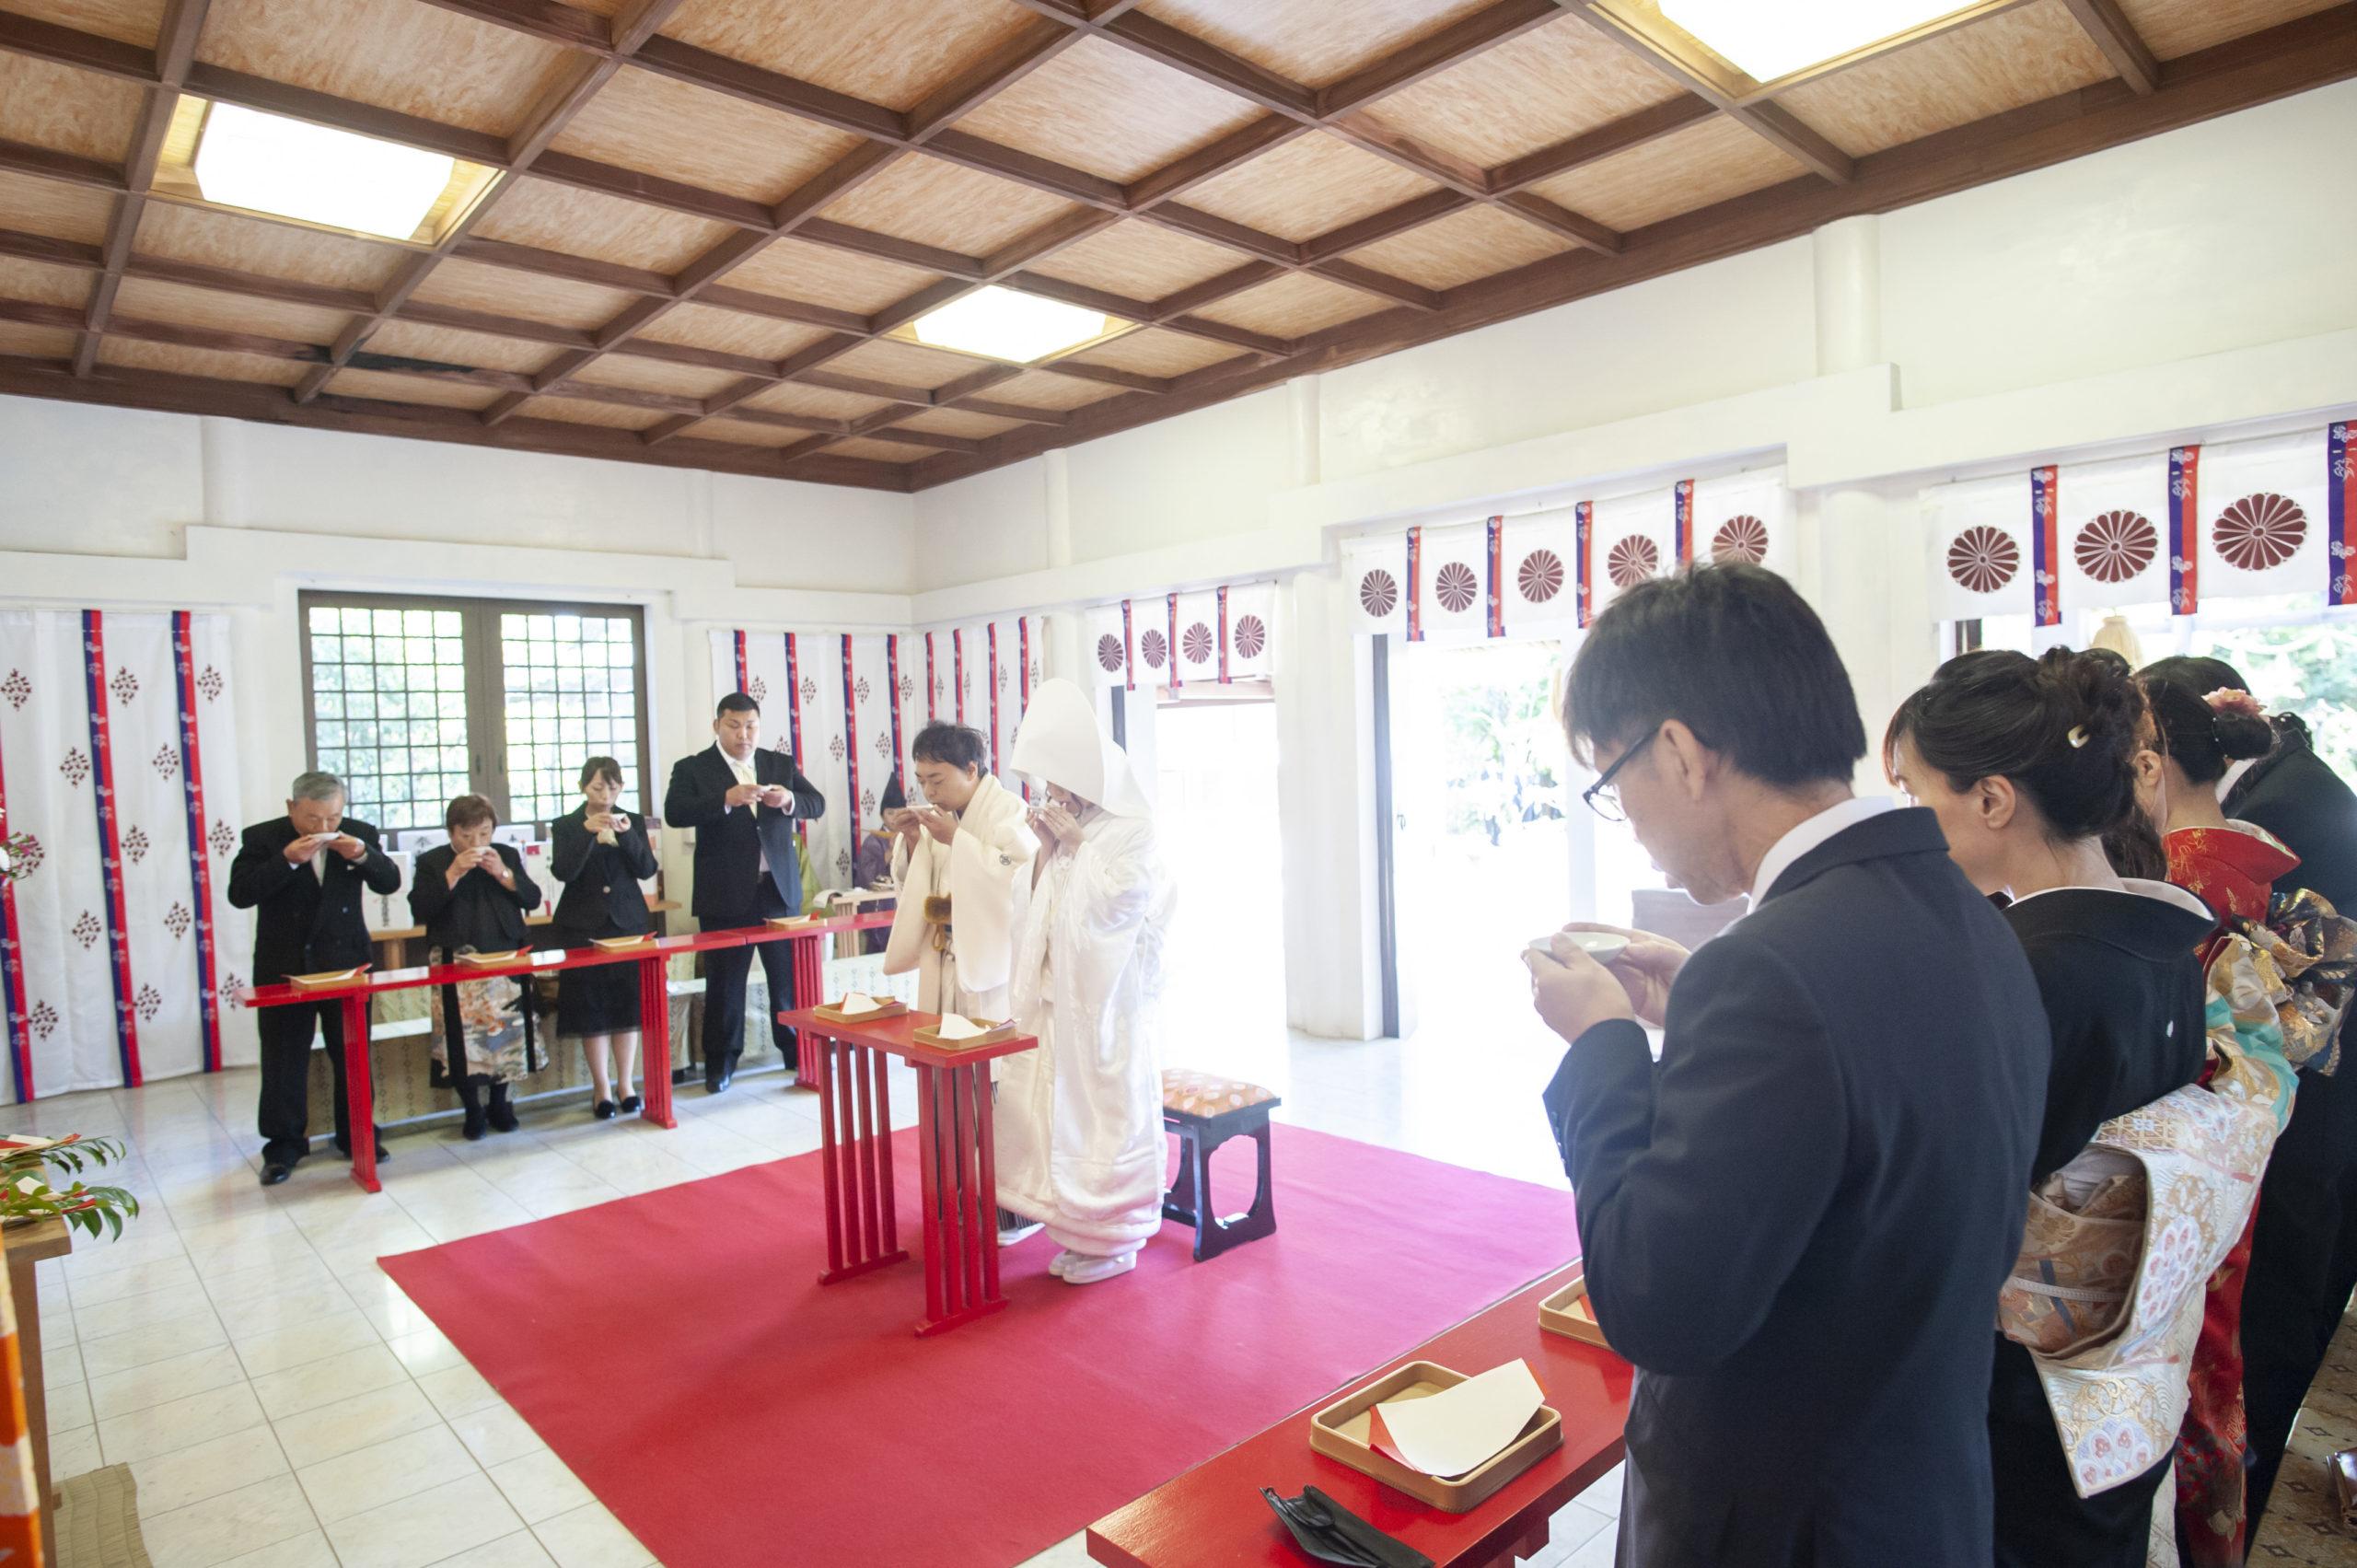 徳島市の結婚式場ブランアンジュで披露宴を行う前に挙式をした忌部神社で親族盃の儀